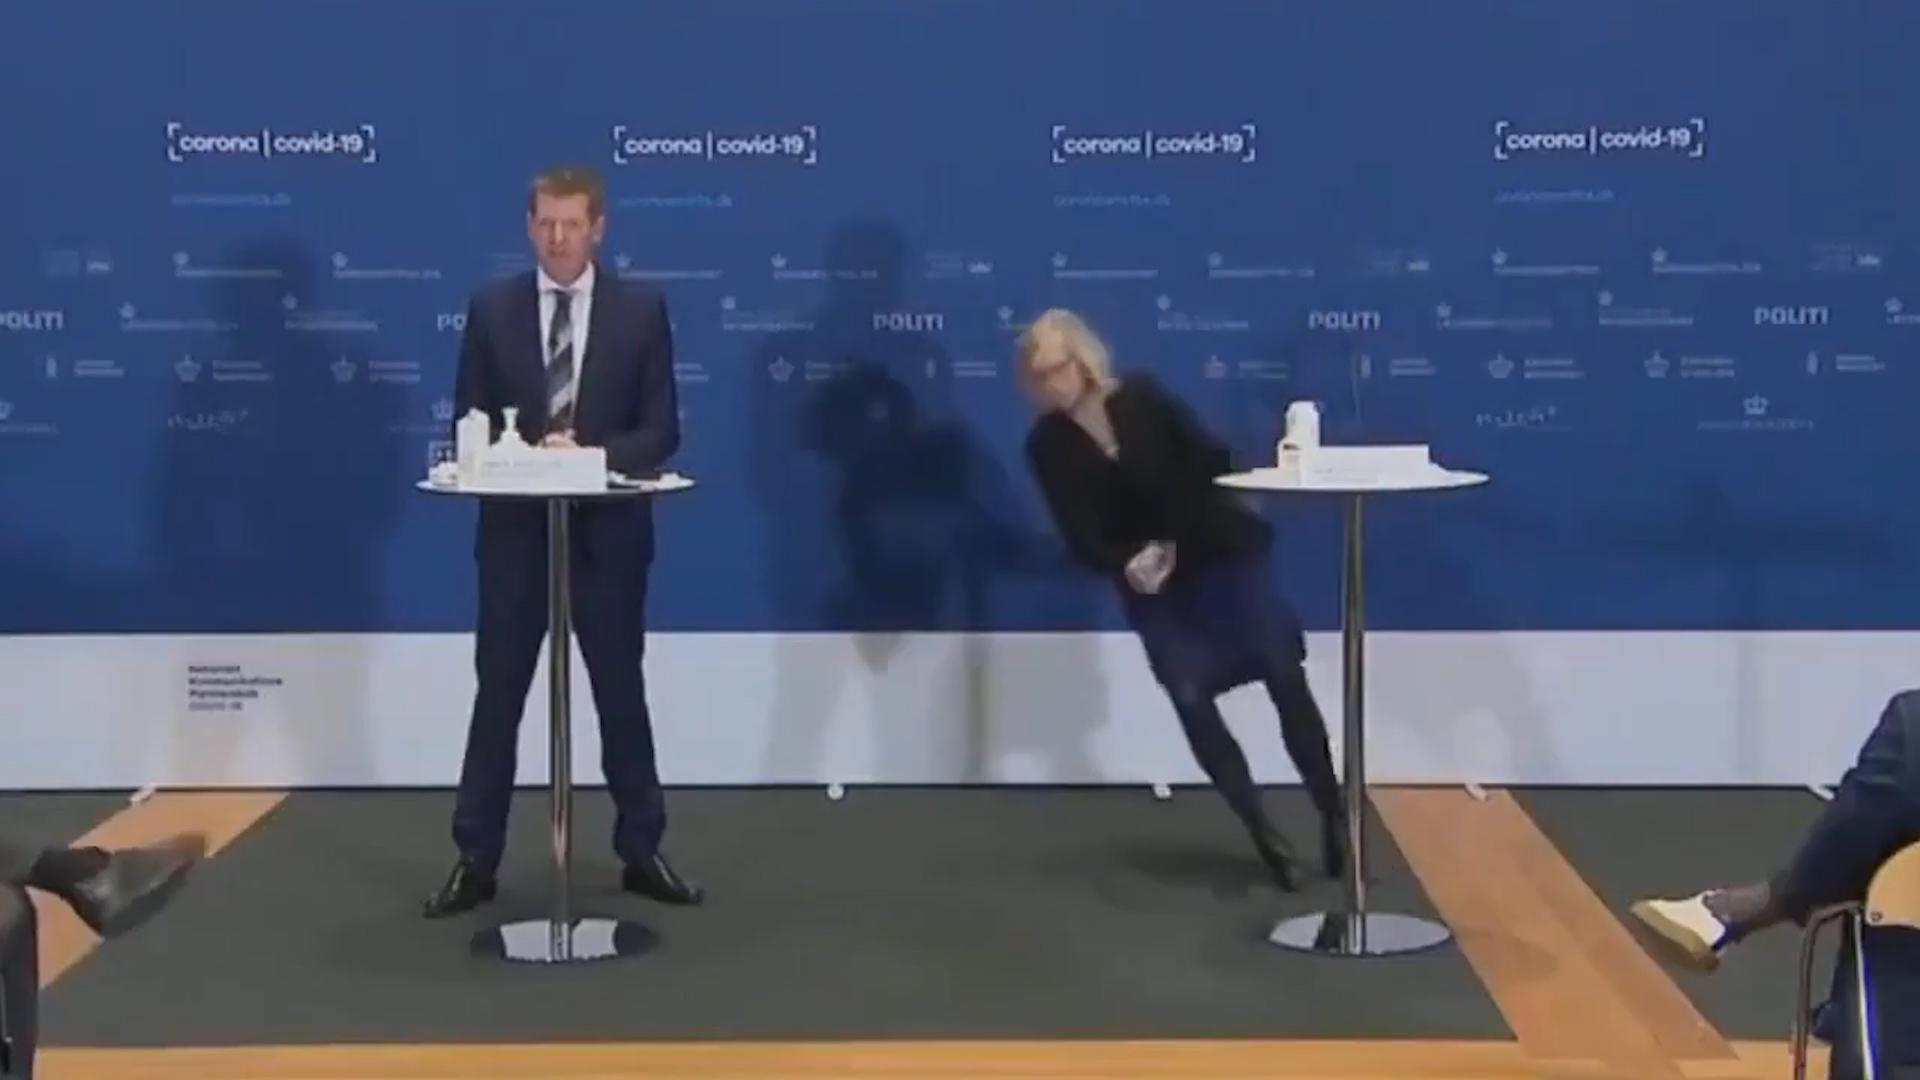 【有片】丹麥停用阿斯利康疫苗 女官員記者會上突90度倒地